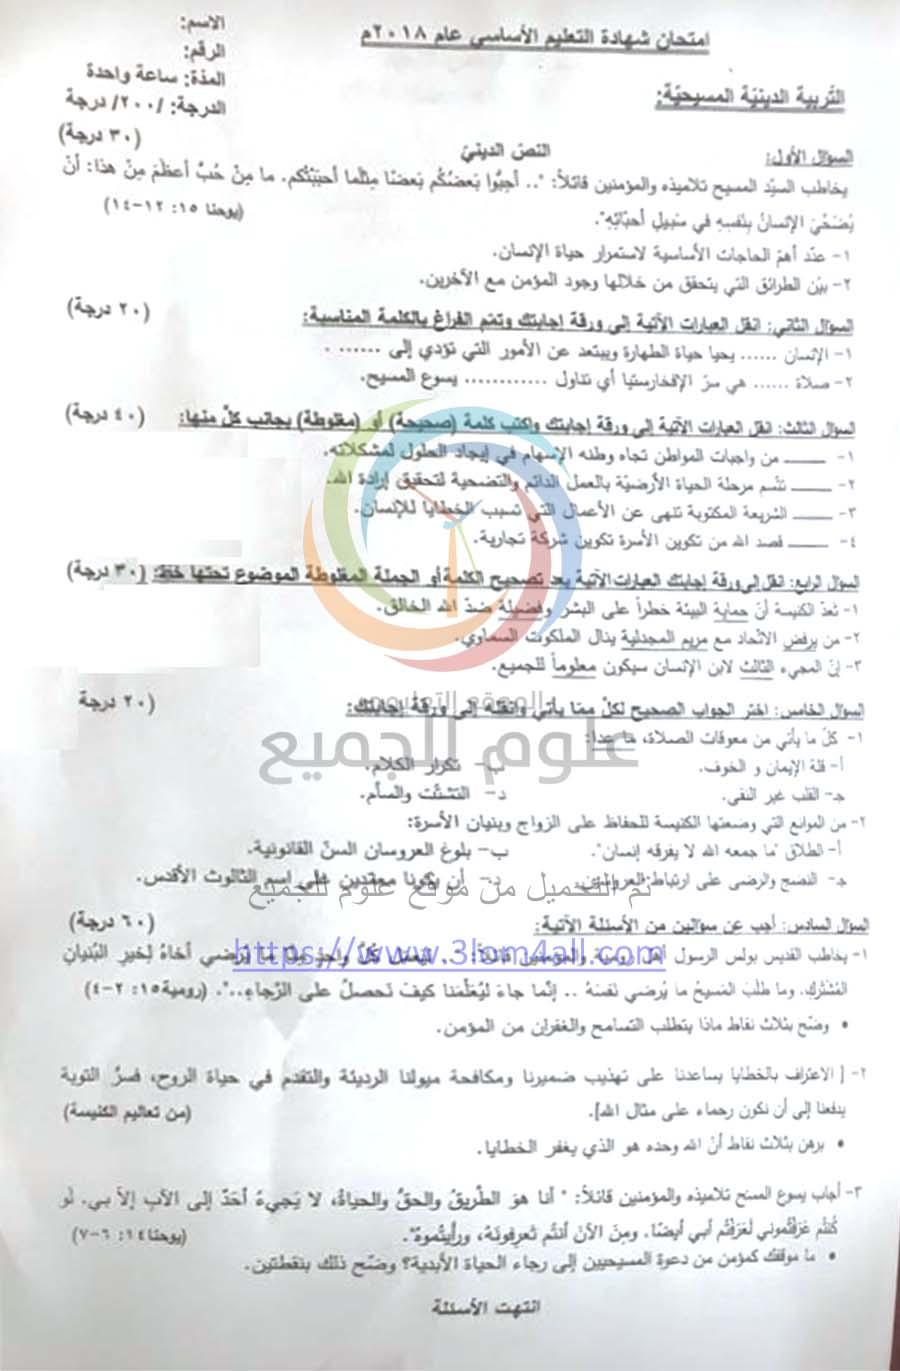 ورقة اسئلة طرطوس اسلام ومسيحية للديانة للصف التاسع دورة 2018 - الامتحان النهائي